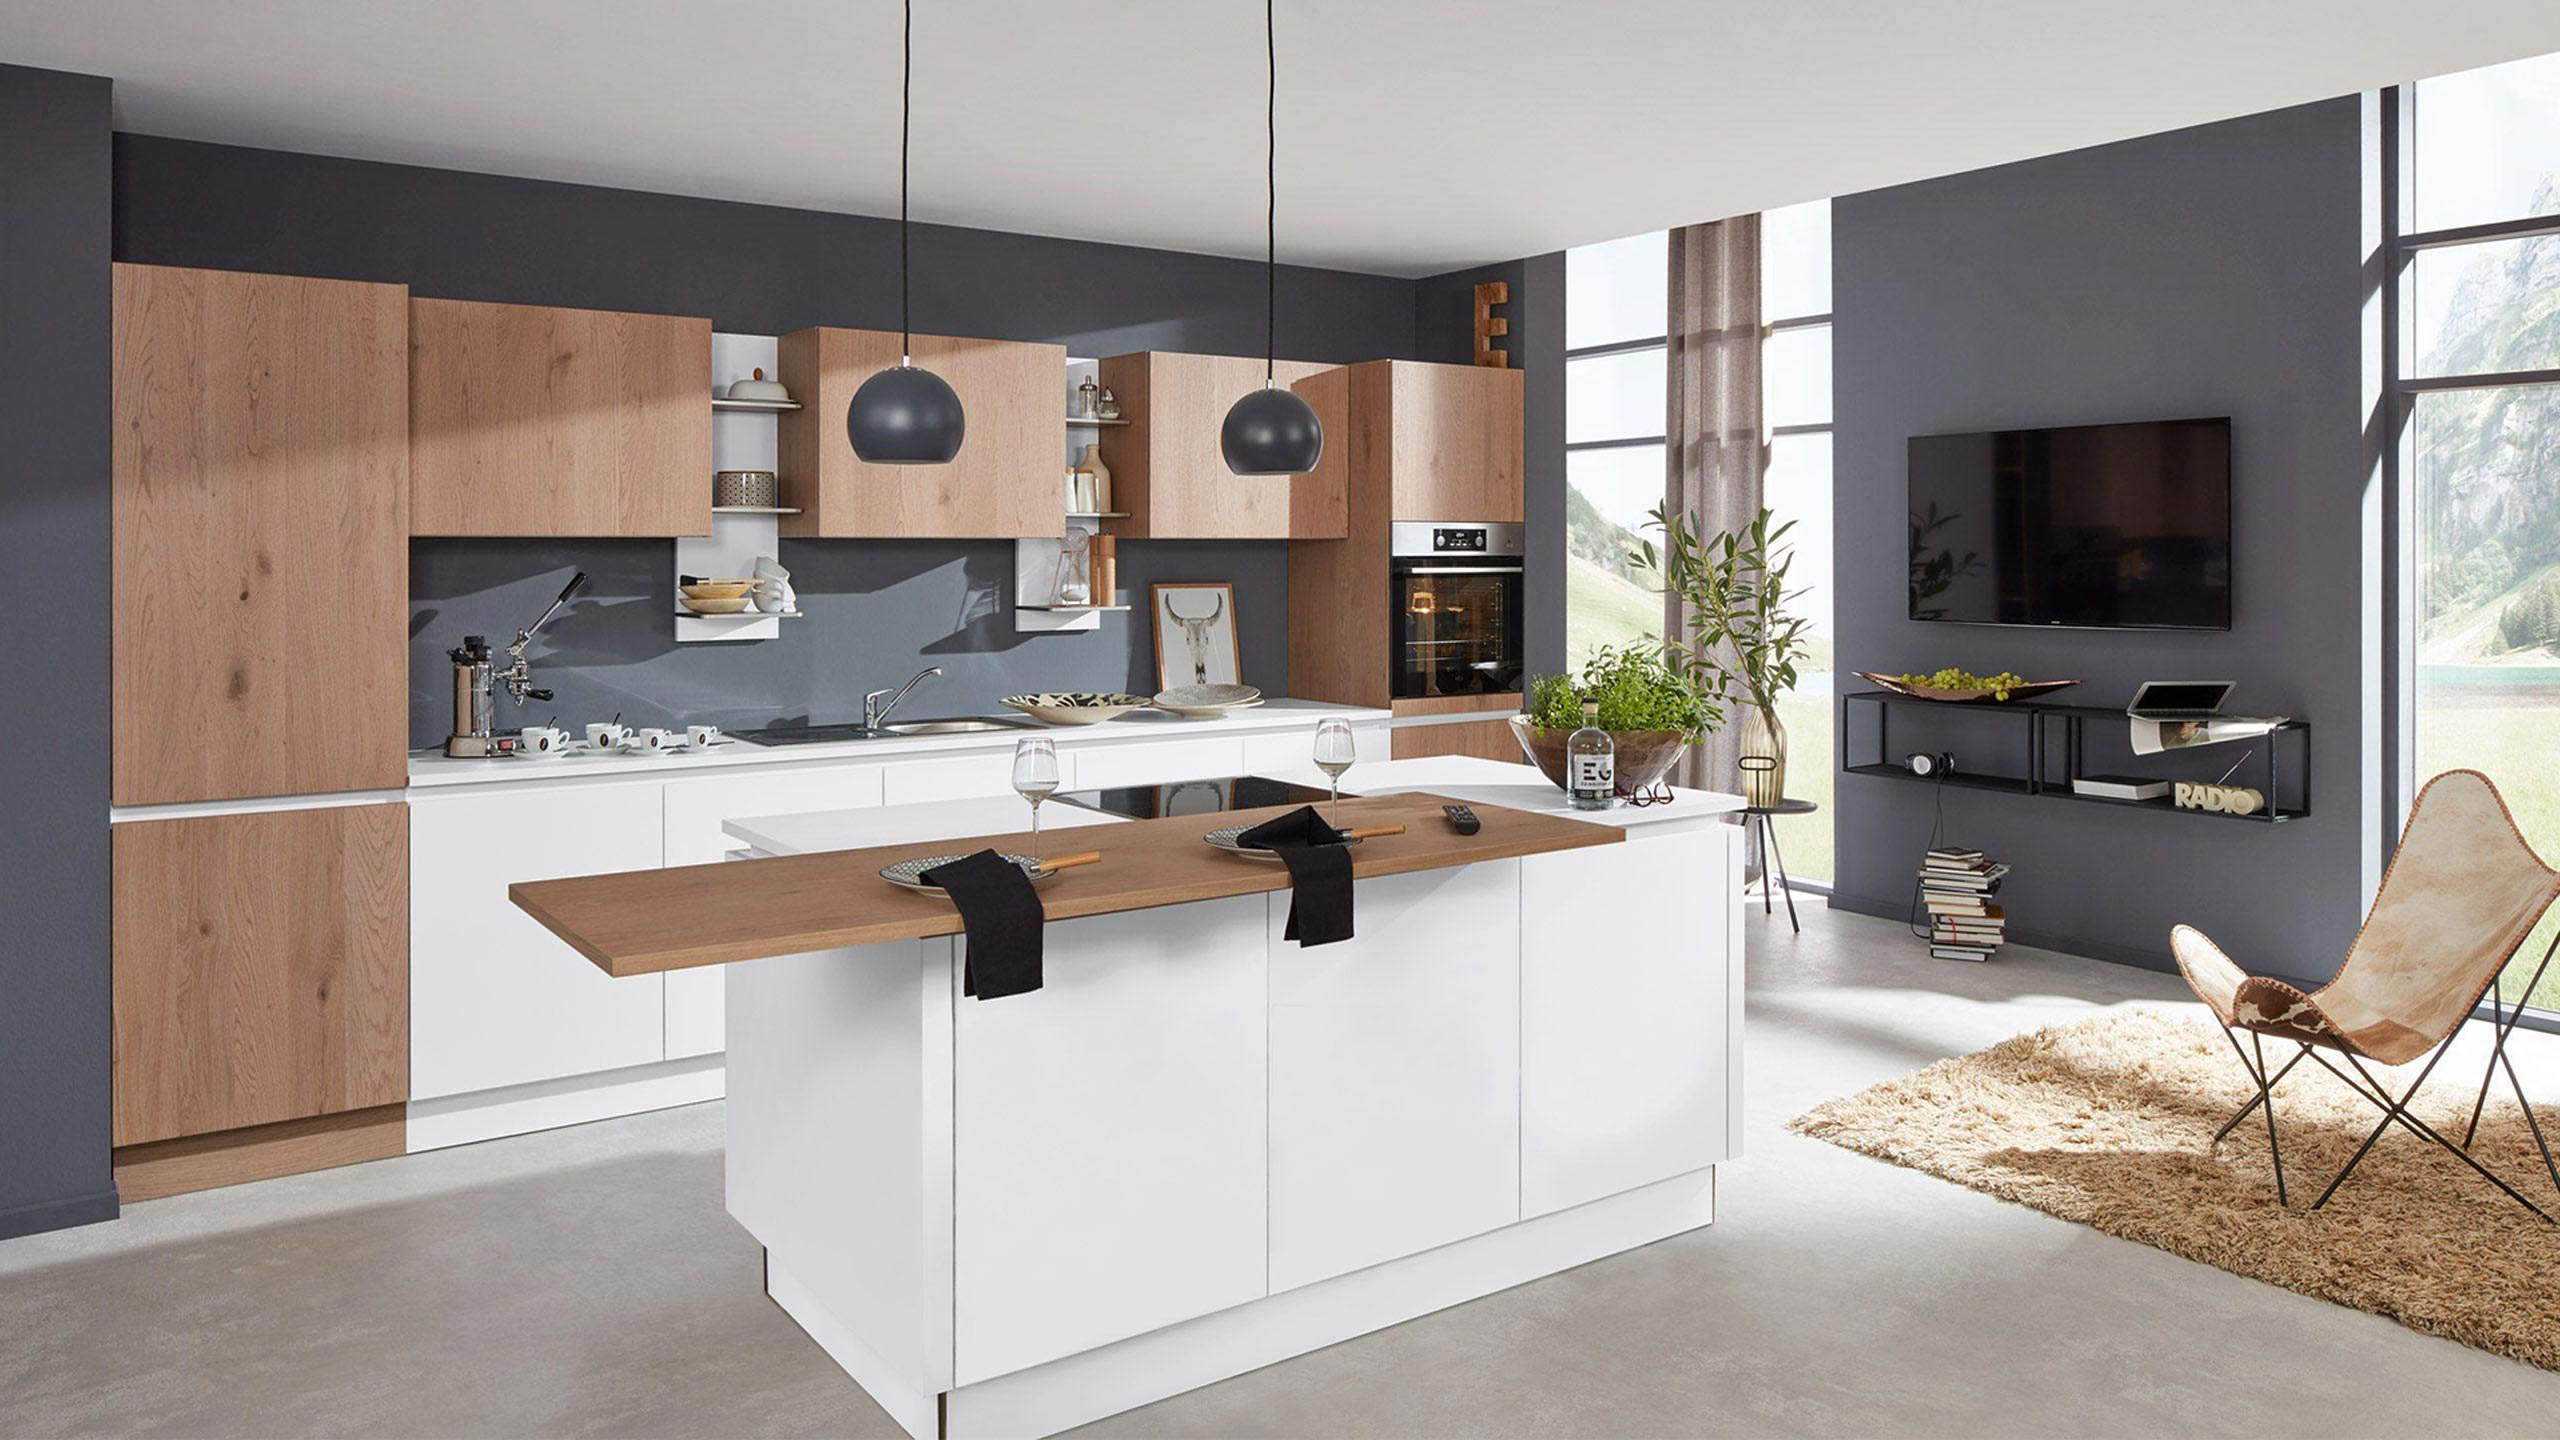 Interliving Küche Serie 3013 Arbeitsplatte richtig reinigen